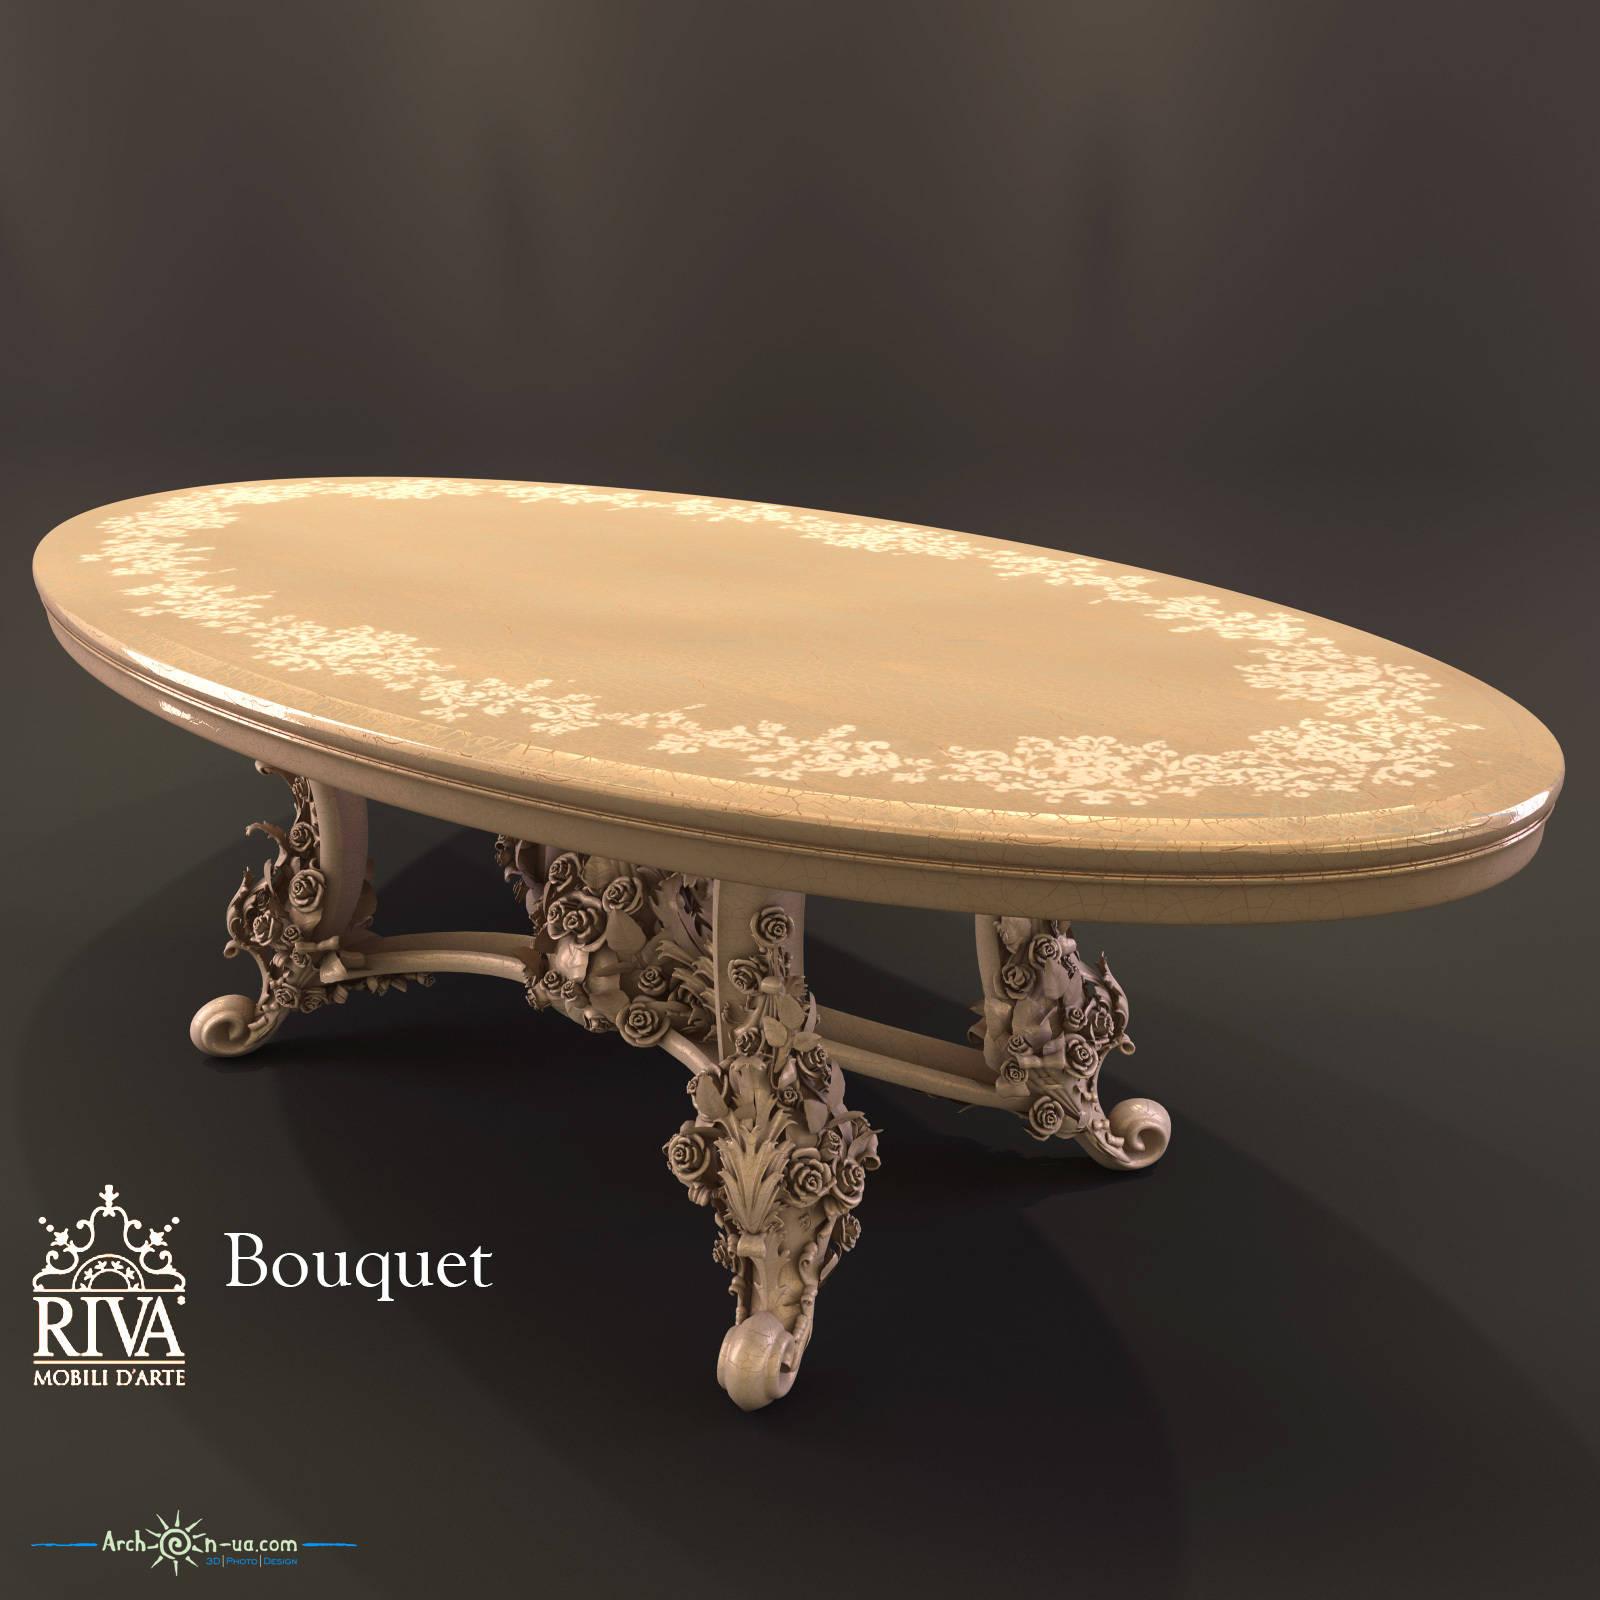 3d model Bouquet Riva Mobili D'Arte table